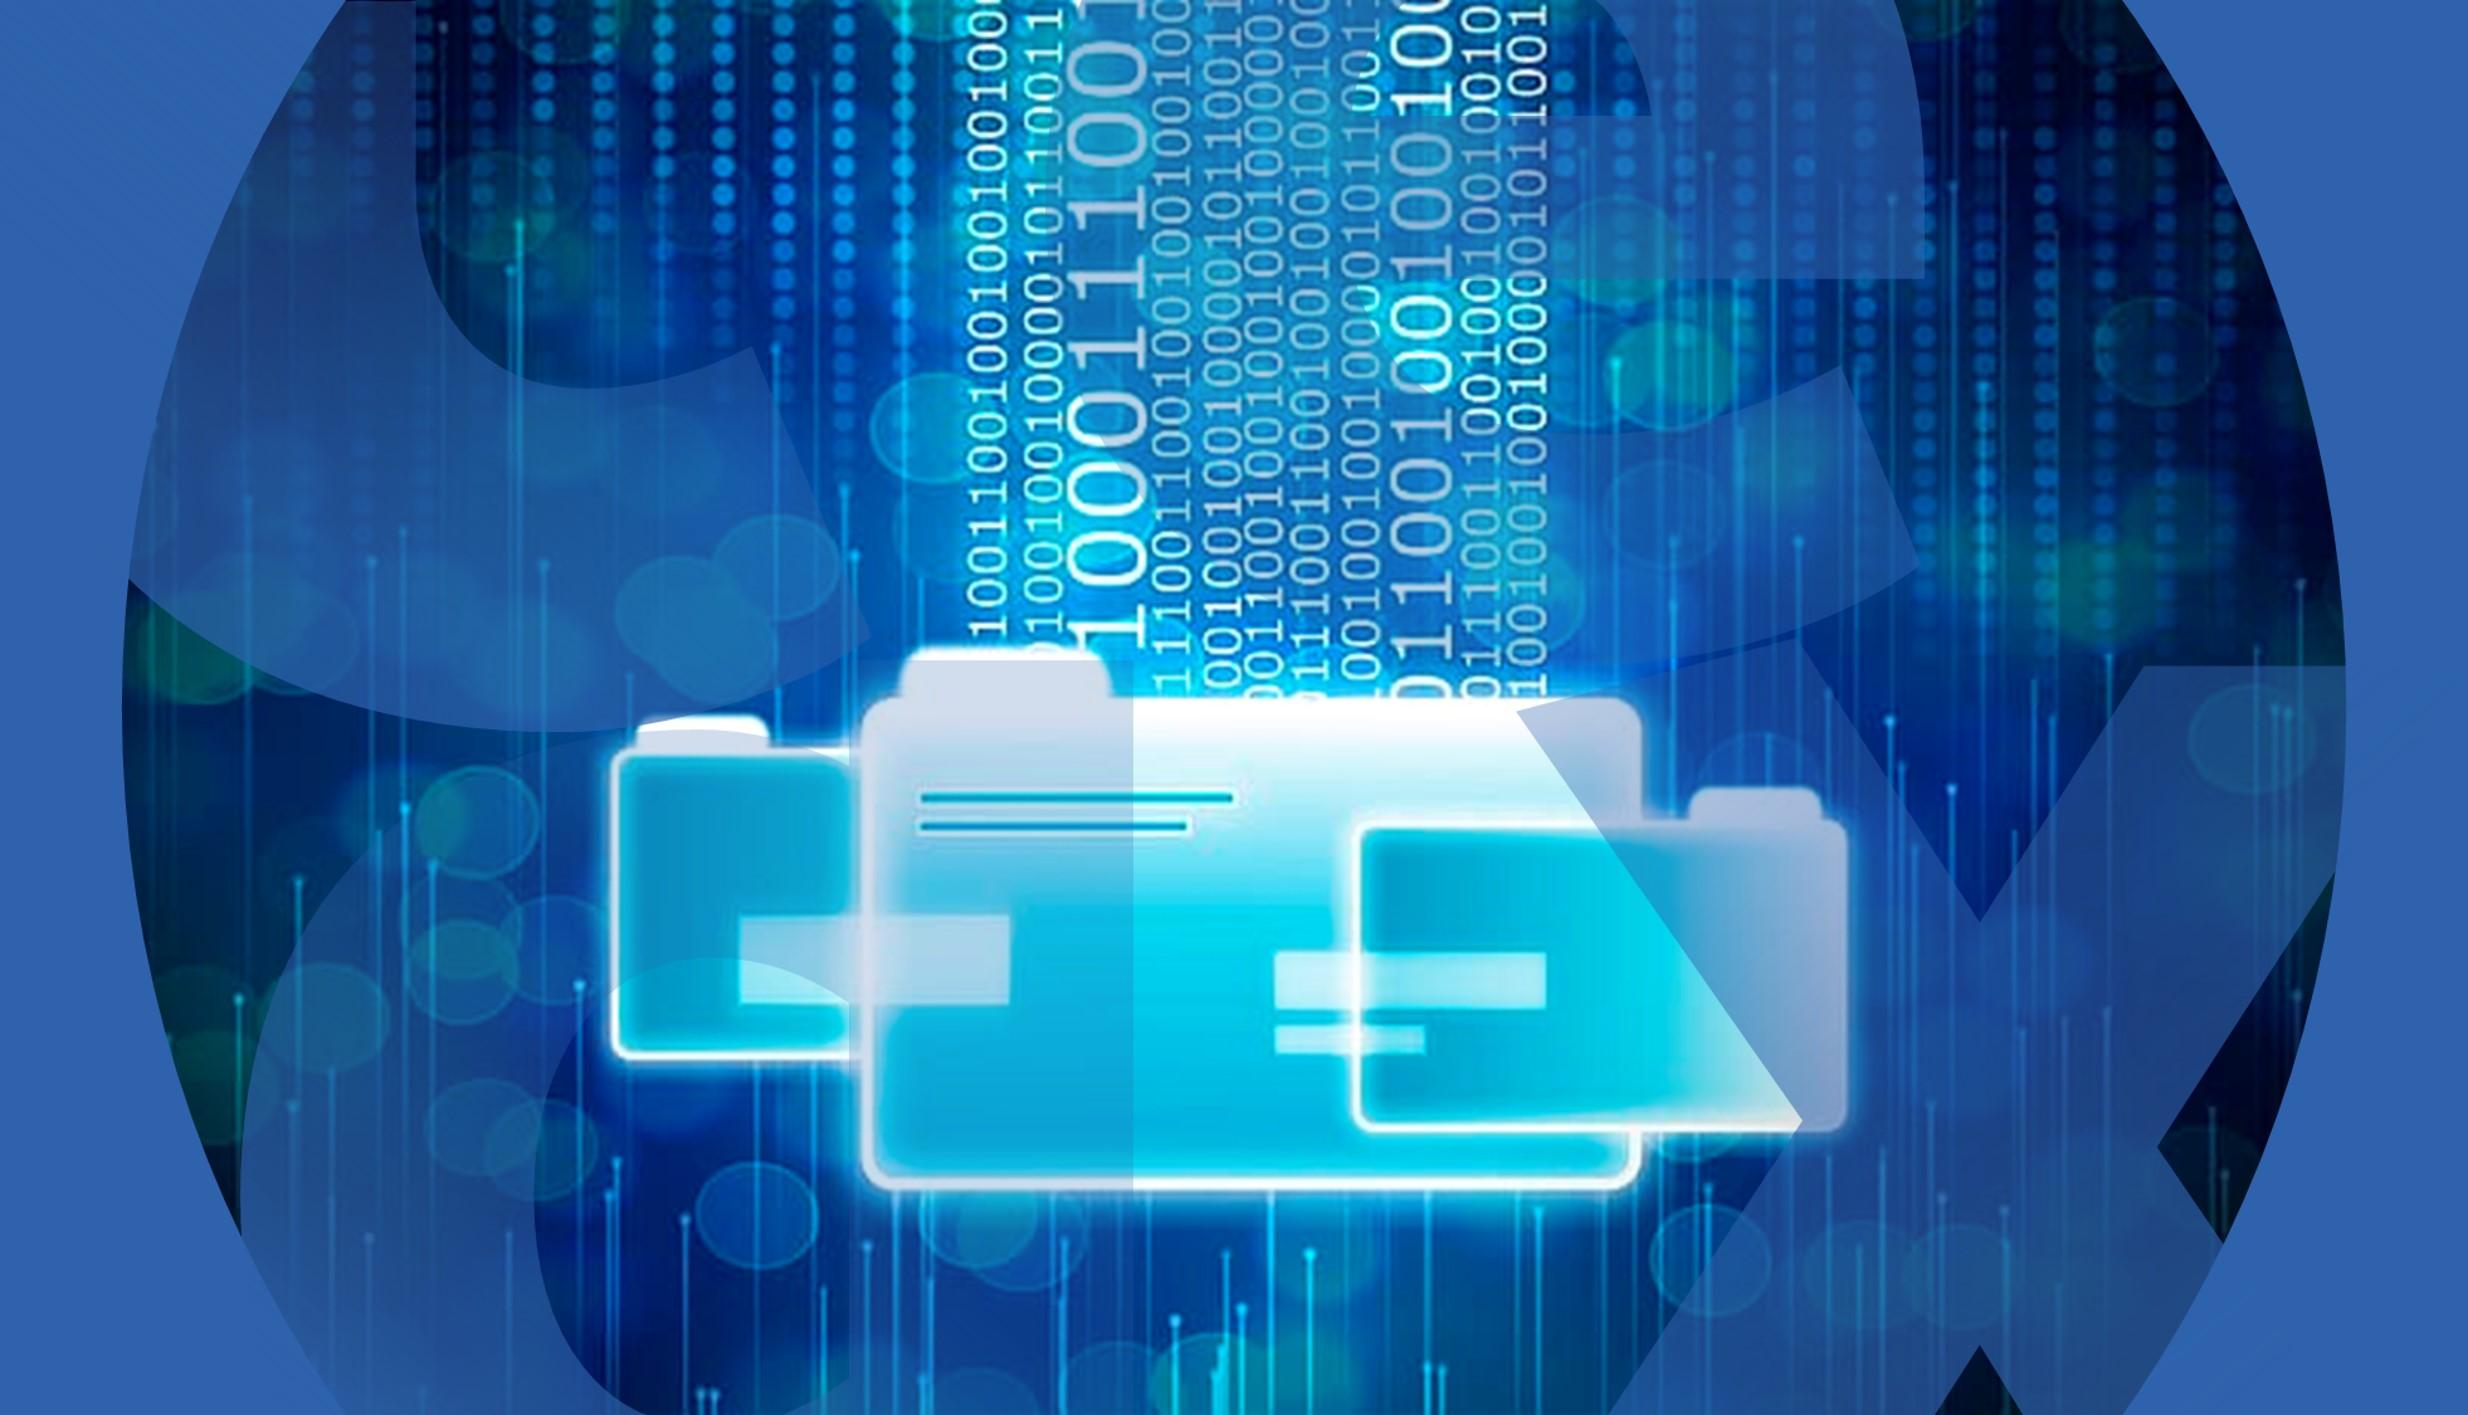 cursos-TDEX-big-data